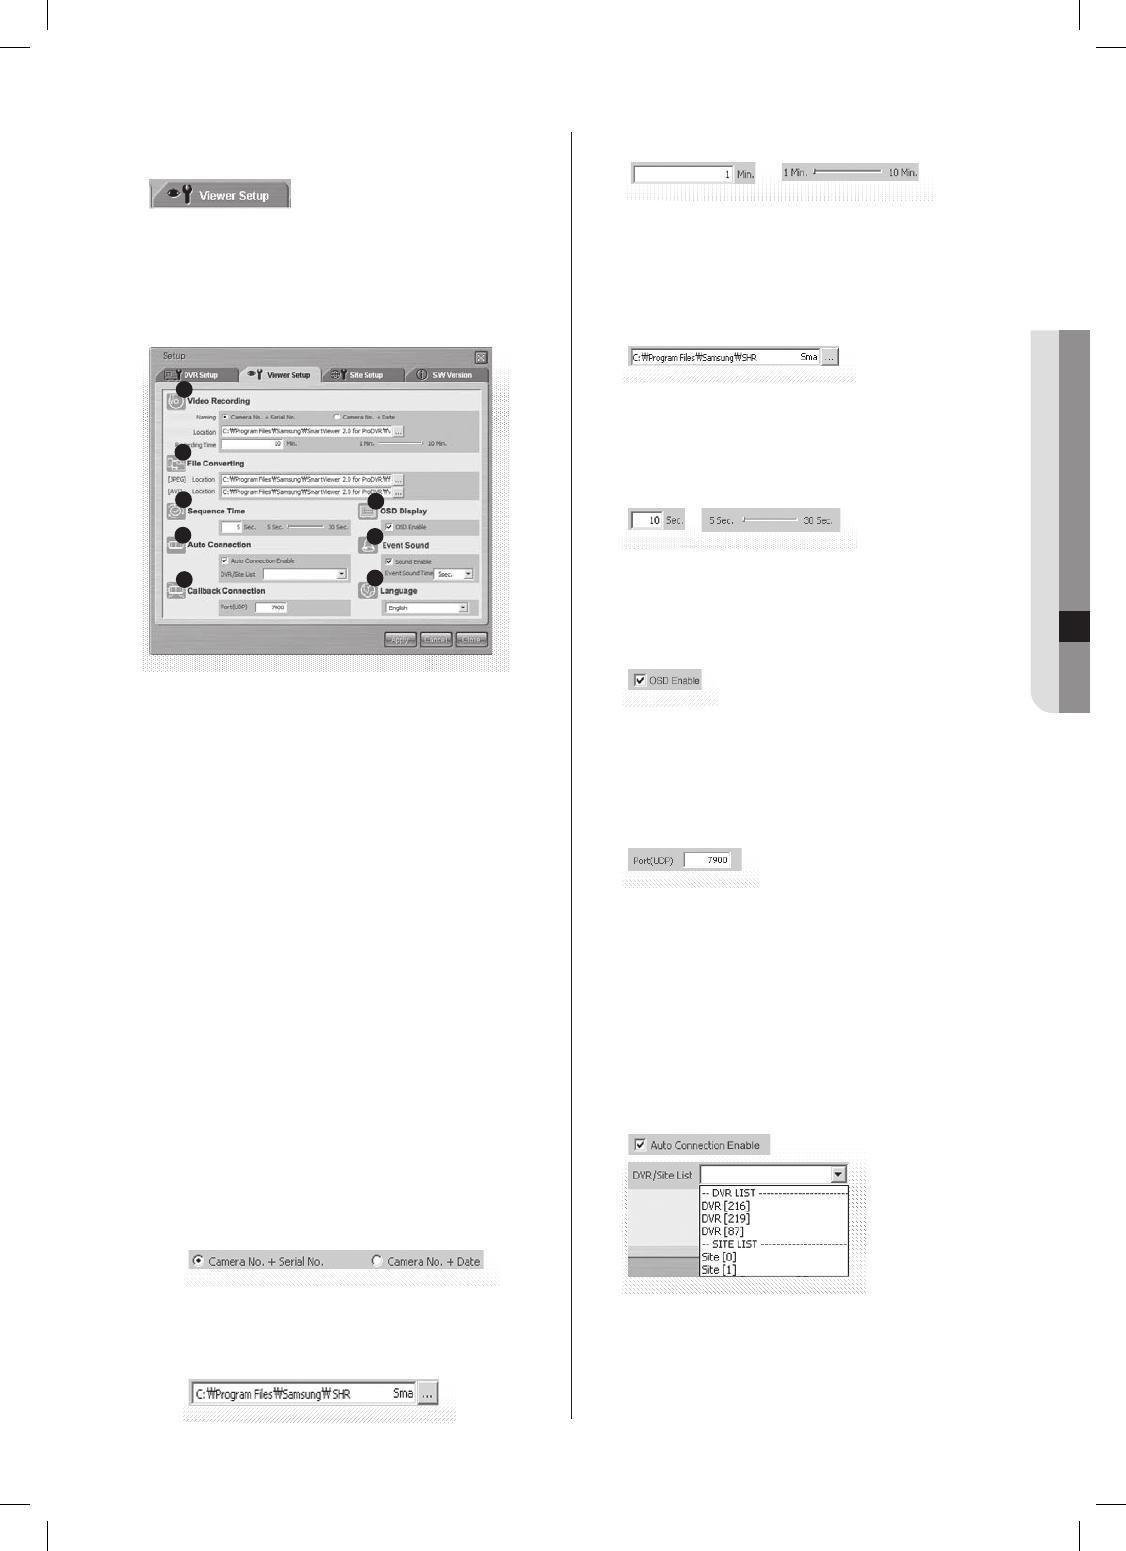 Samsung SHR-5082, SHR-5162 Viewer Setup